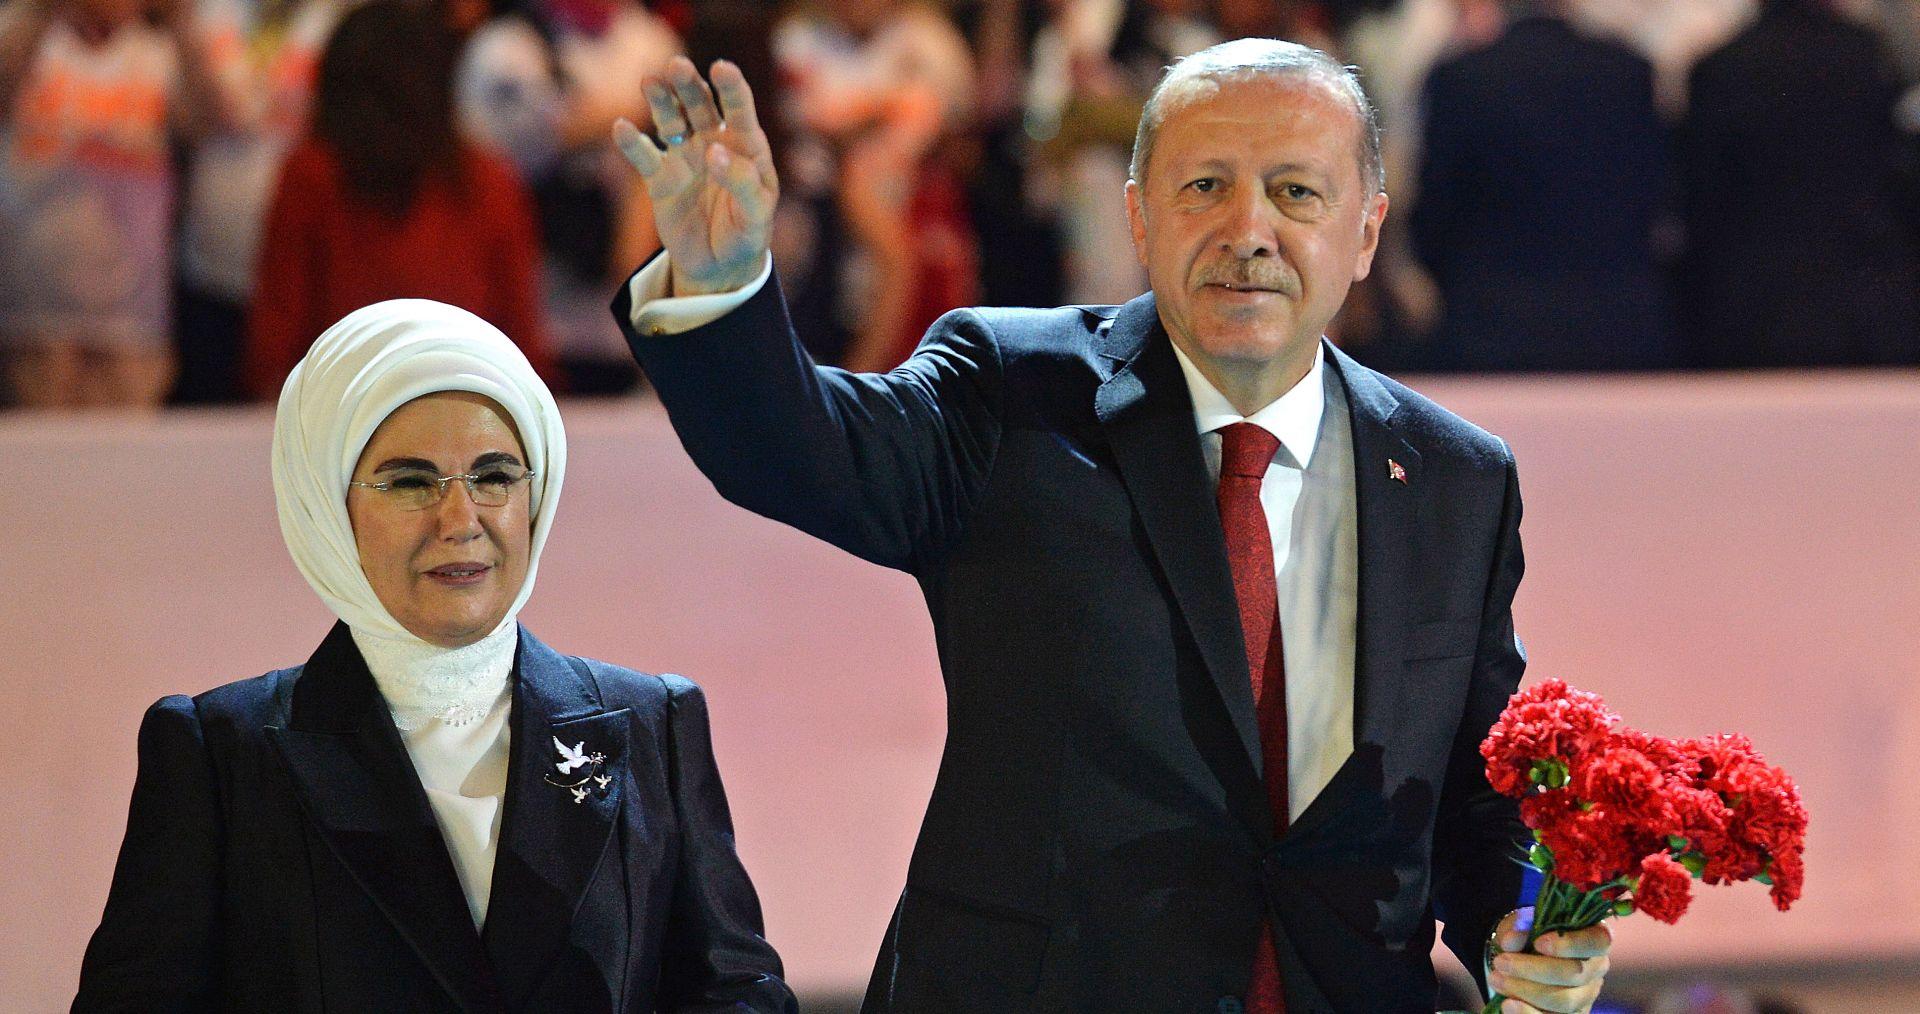 Erdogan u Koelnu otvara jednu od najvećih džamija u Europi